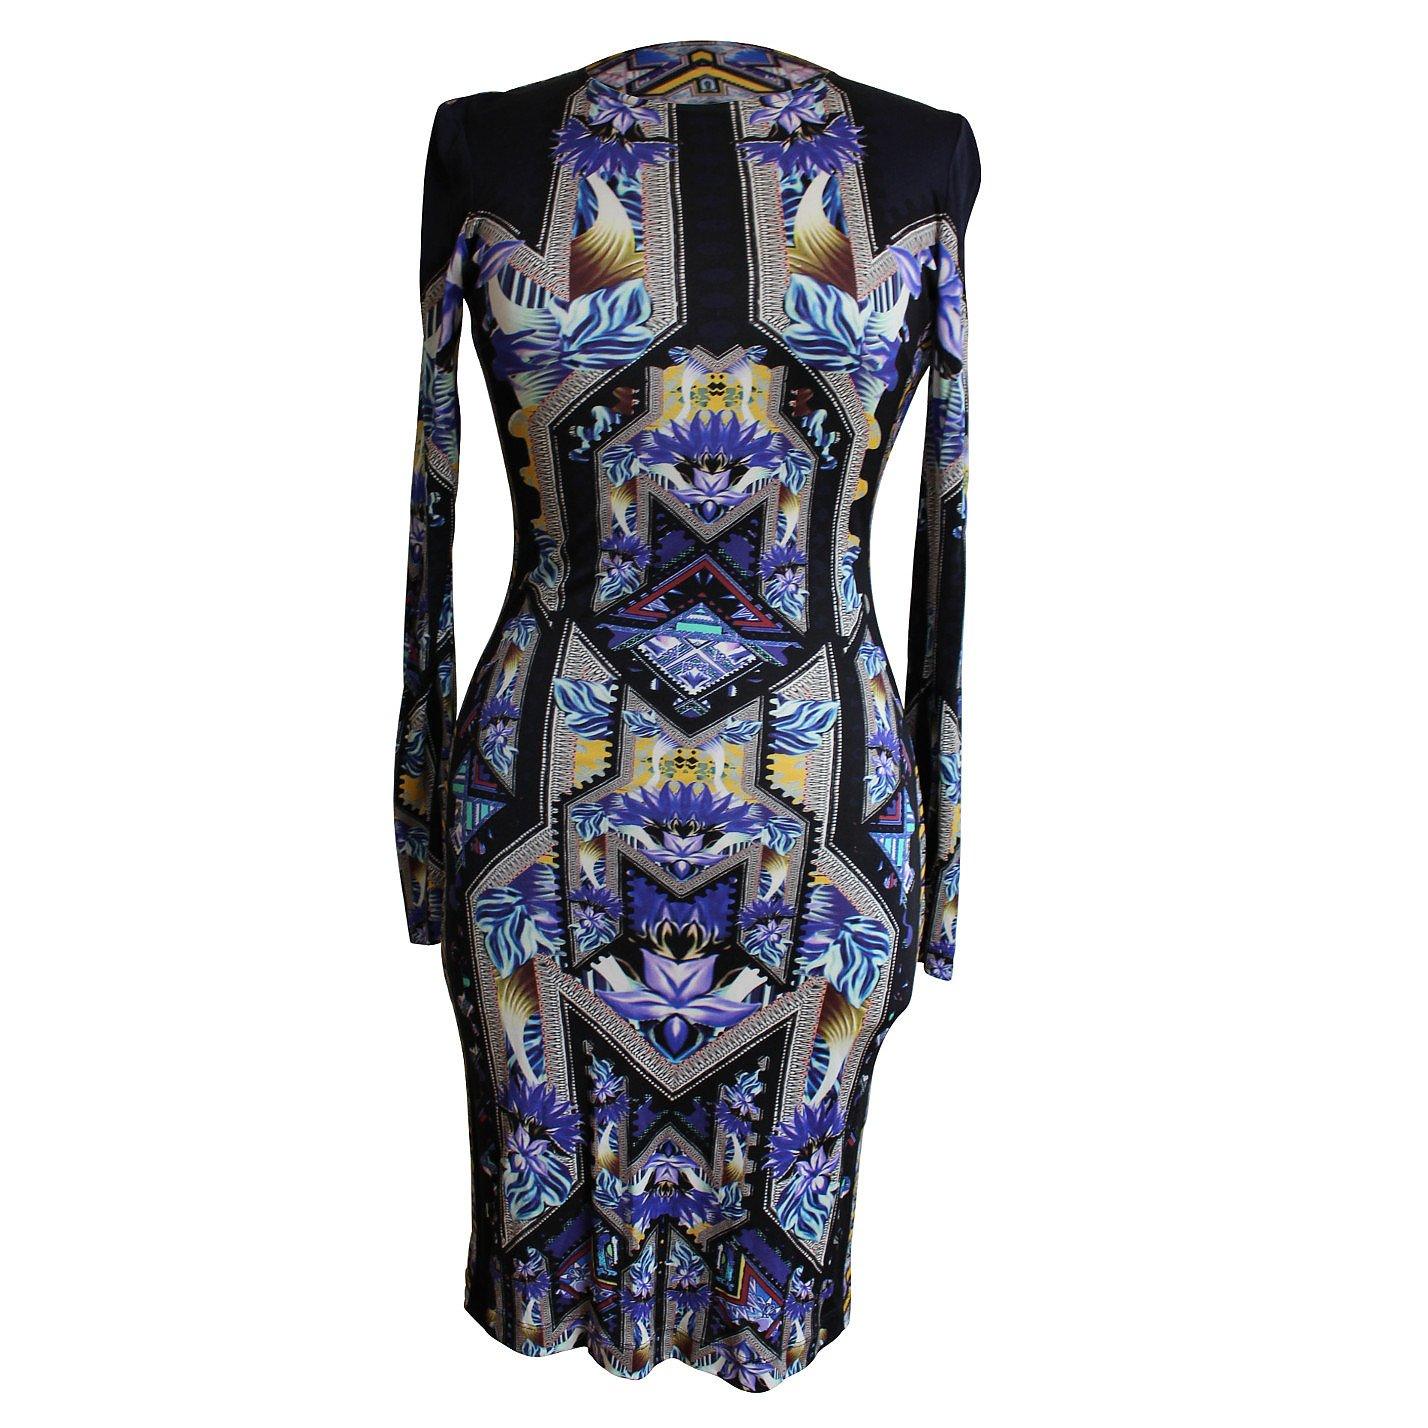 Mary Katrantzou Patterned Long-Sleeve Dress